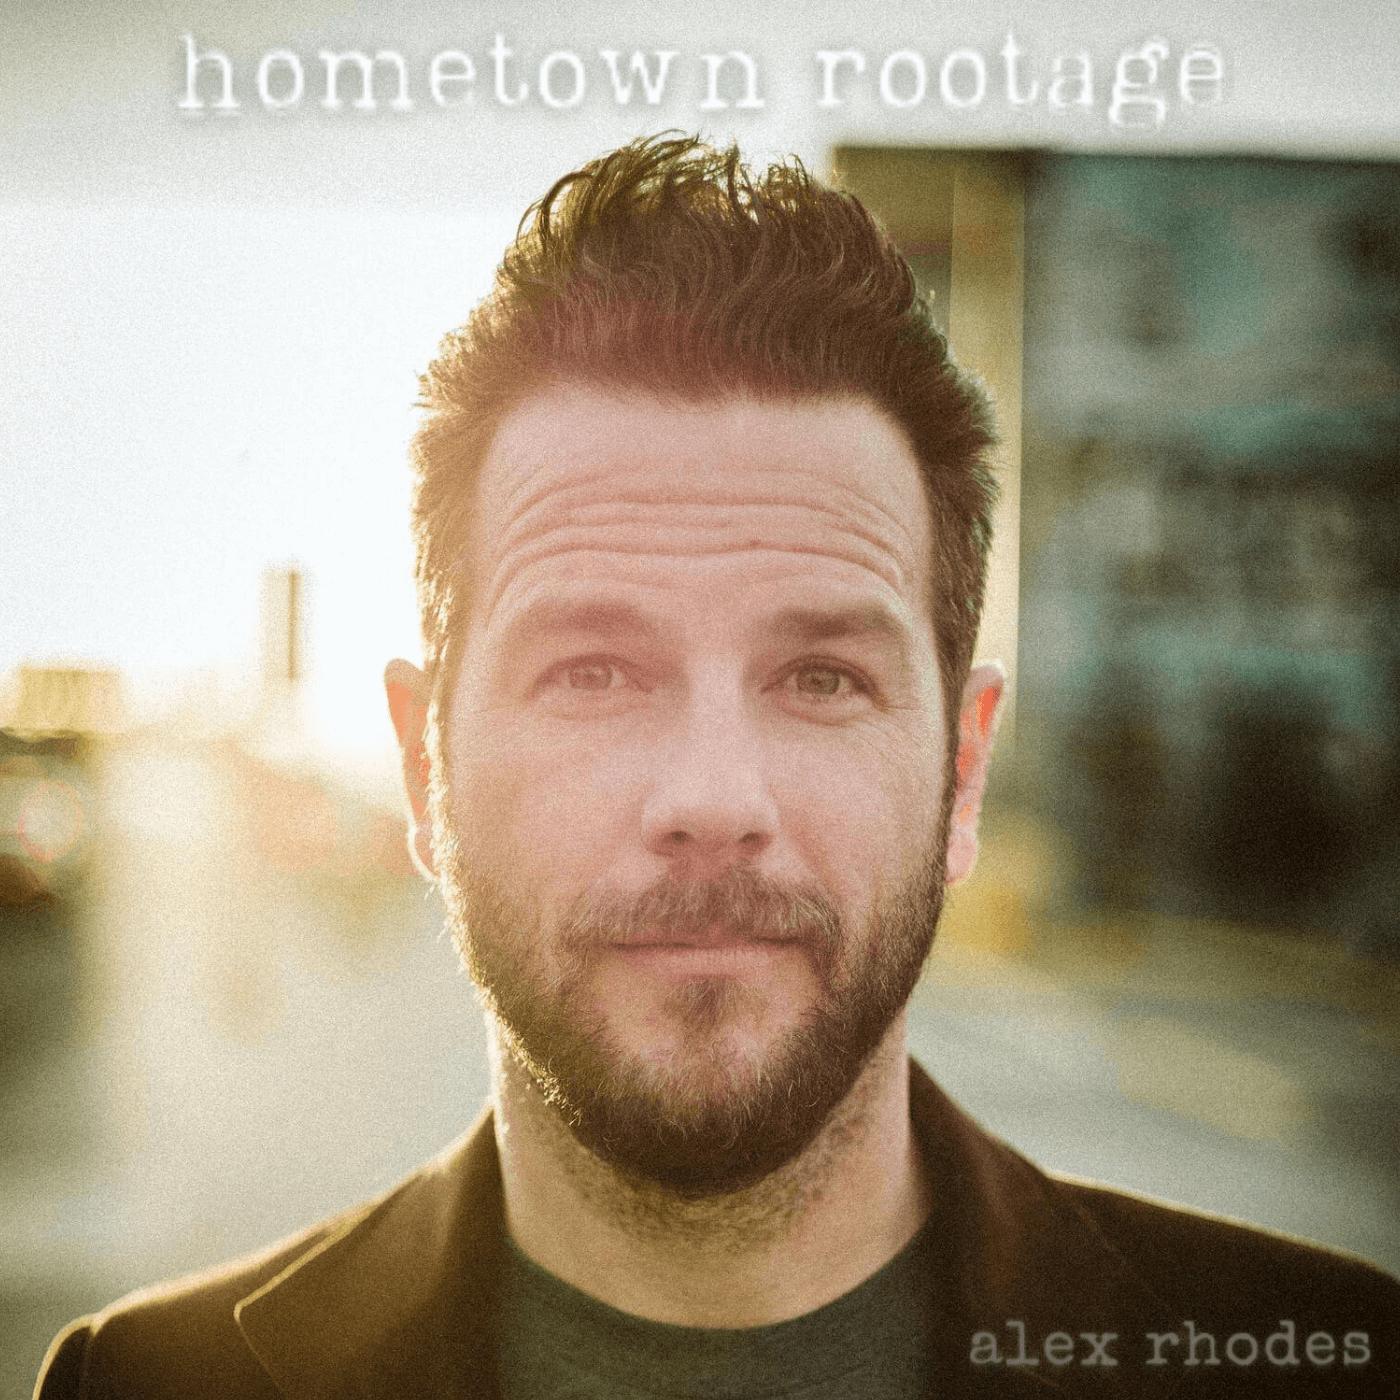 Alex Rhodes - Hometown Rootage Album